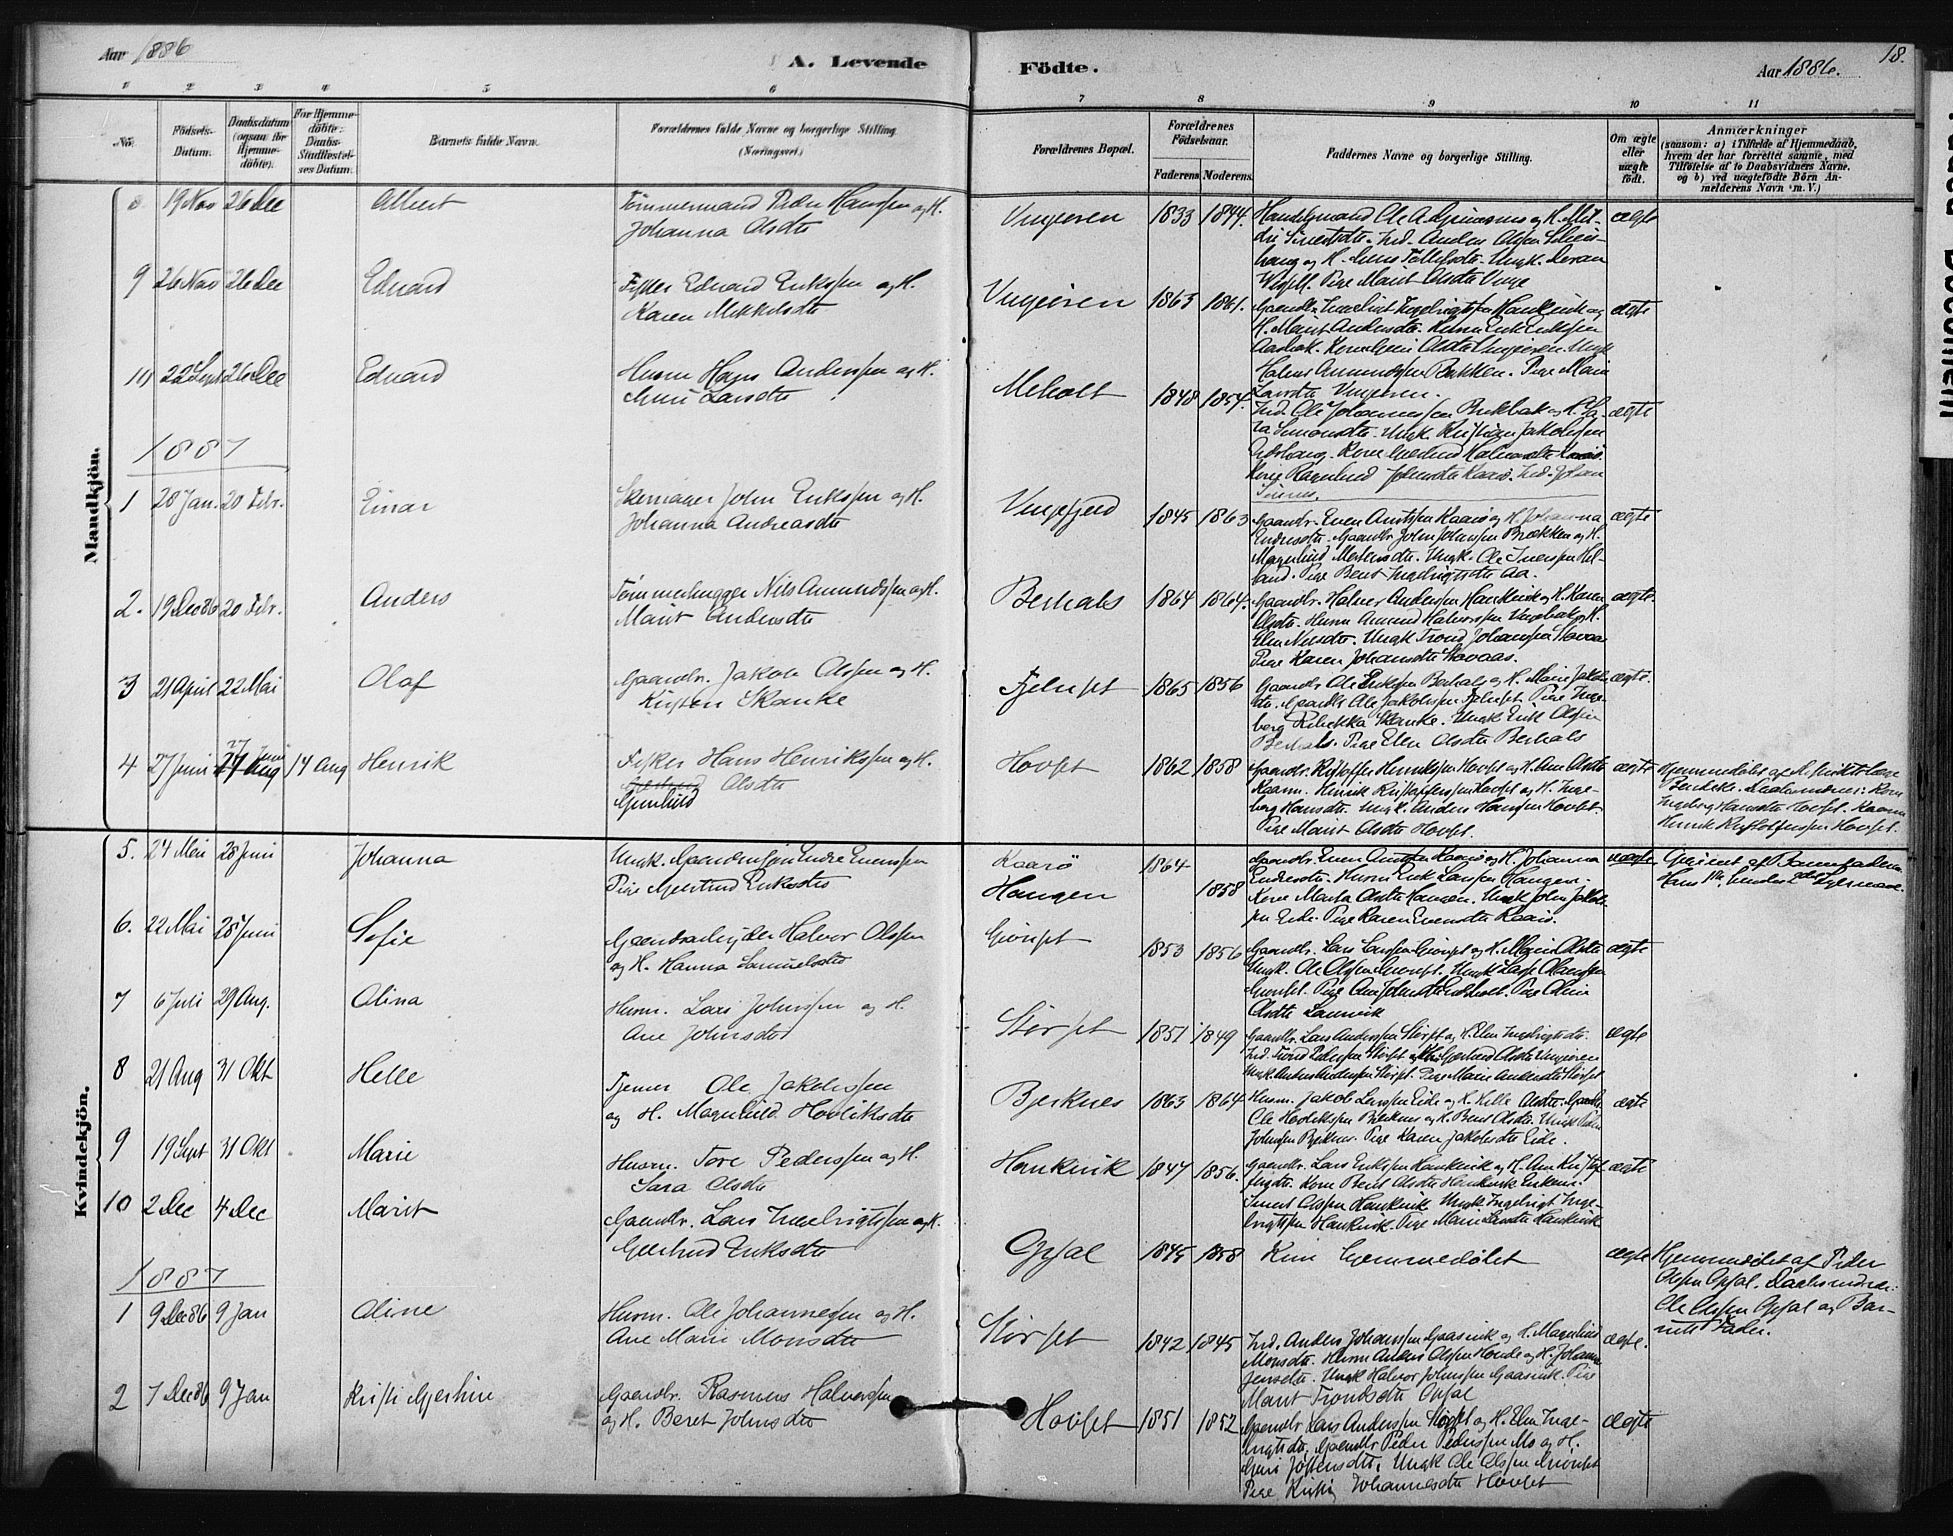 SAT, Ministerialprotokoller, klokkerbøker og fødselsregistre - Sør-Trøndelag, 631/L0512: Ministerialbok nr. 631A01, 1879-1912, s. 18